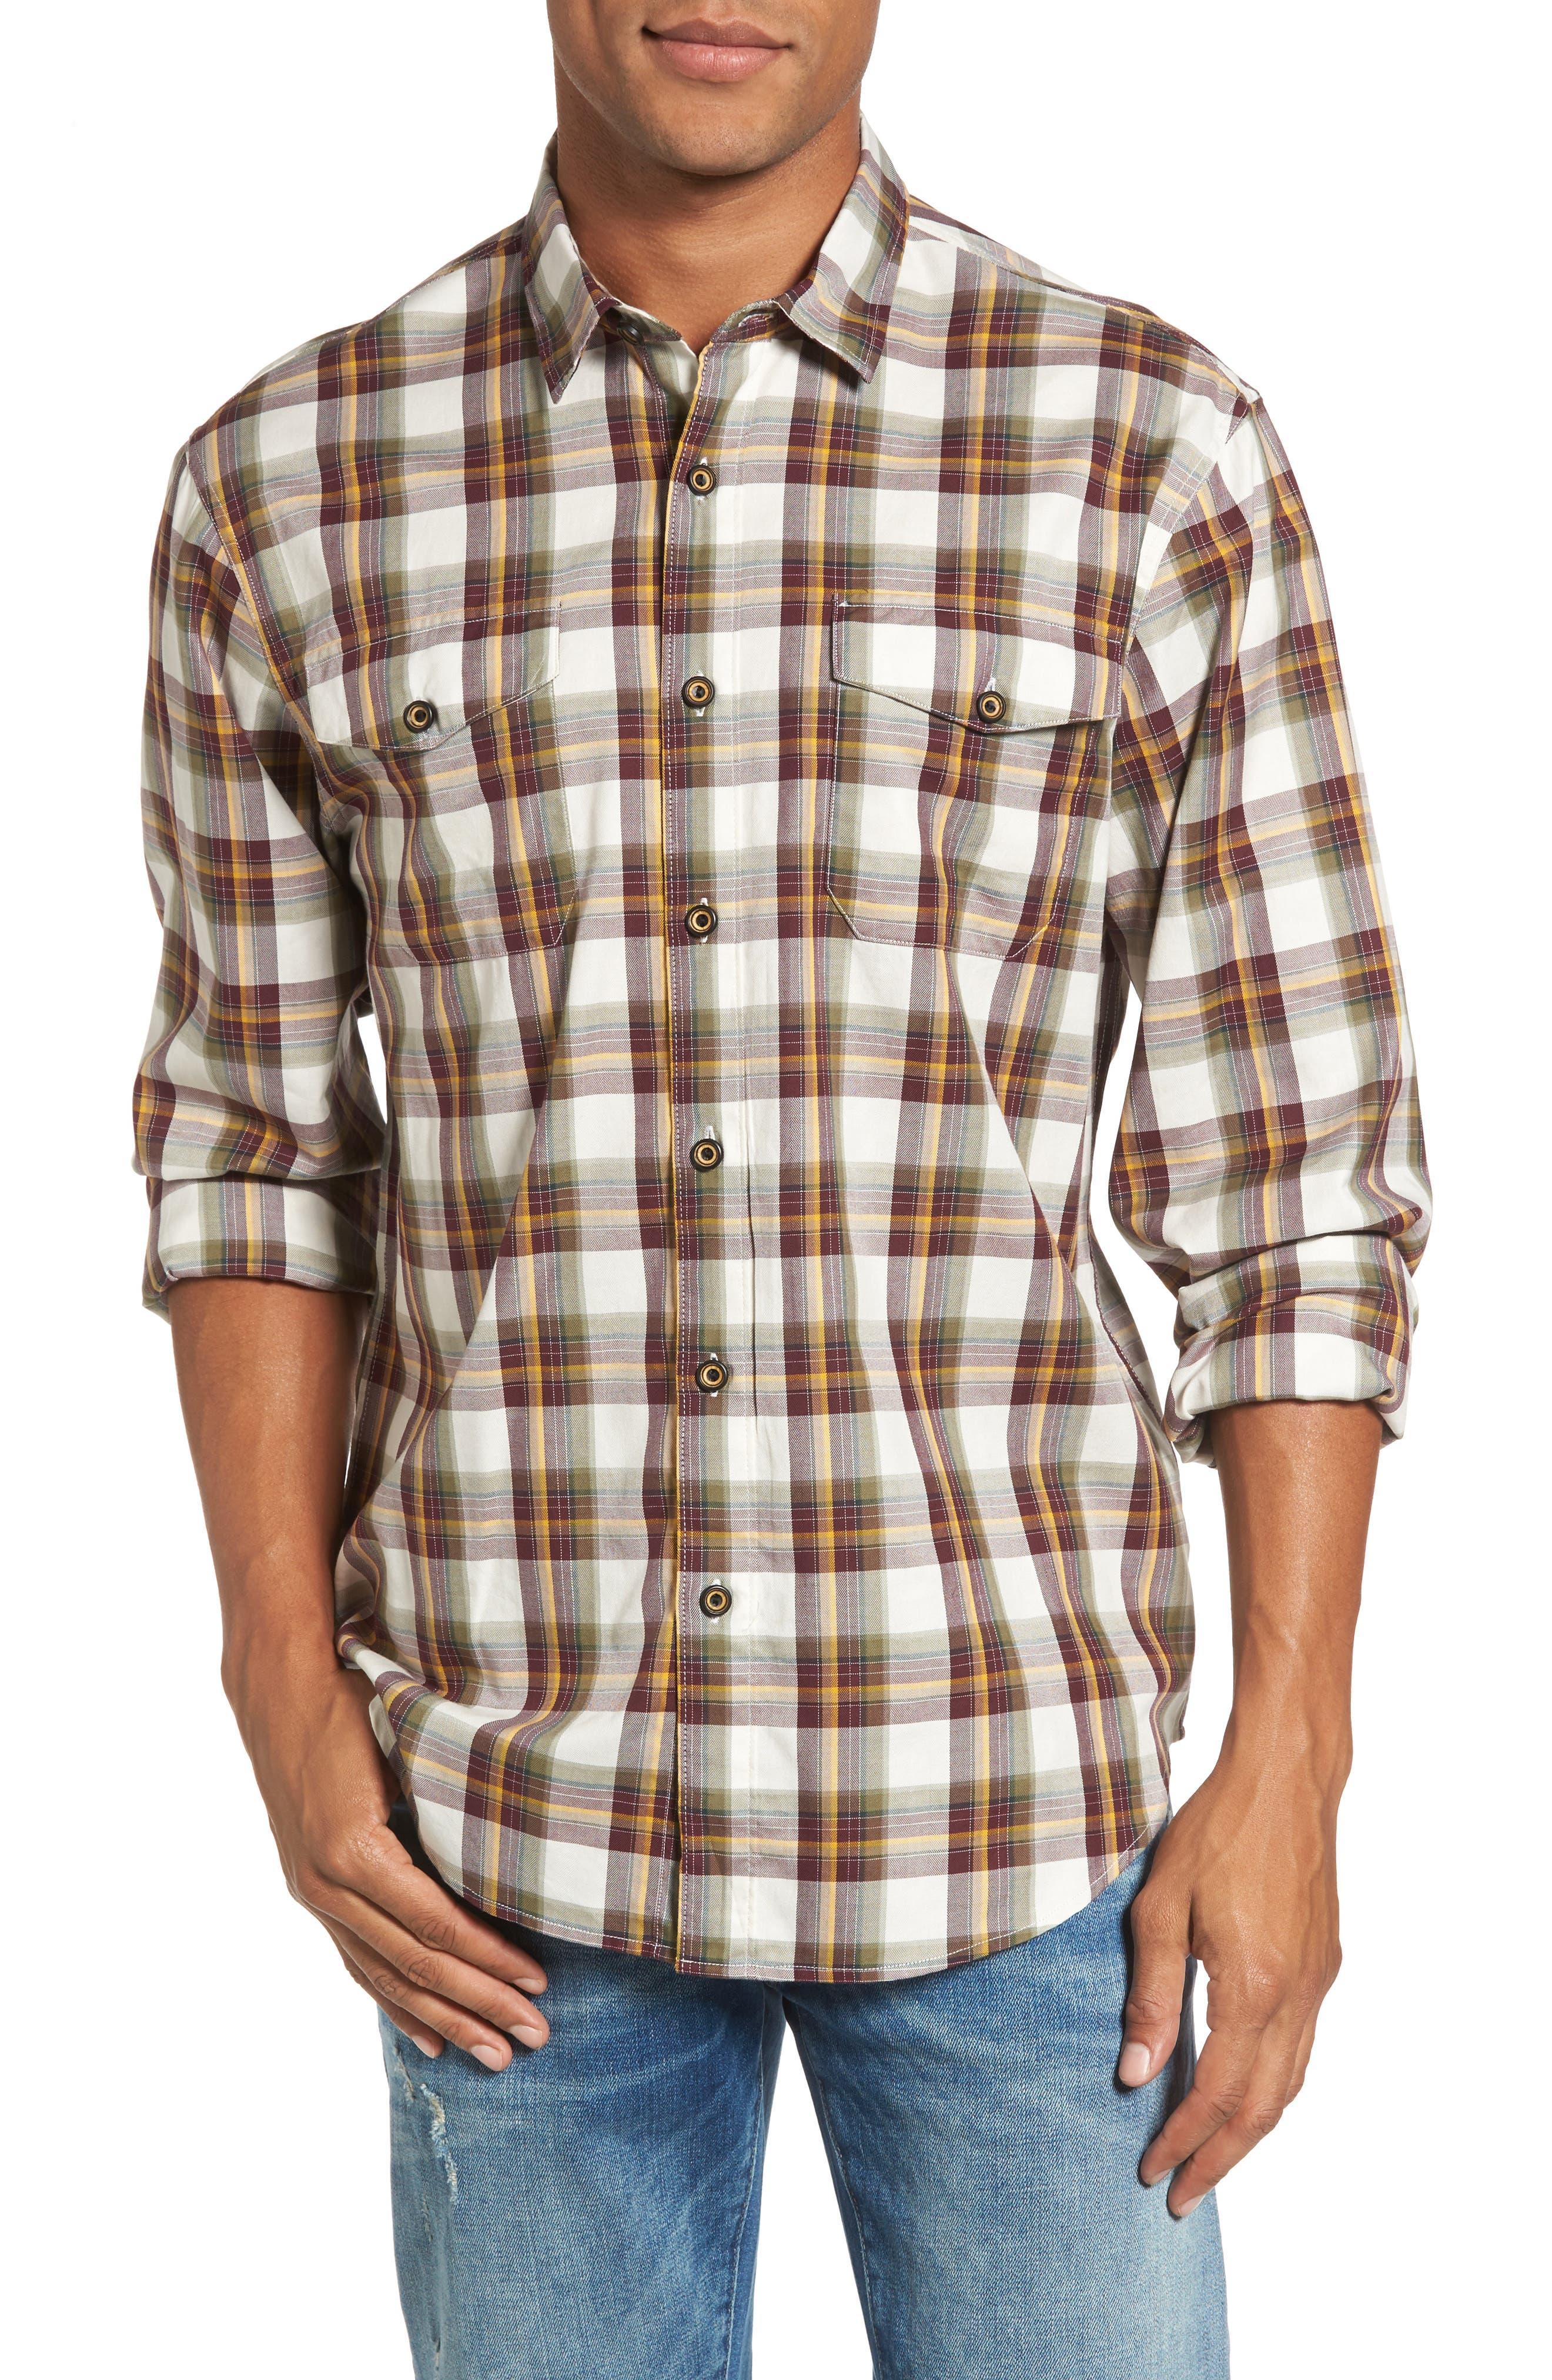 Seacliff Plaid Flannel Shirt,                             Main thumbnail 1, color,                             Merlot